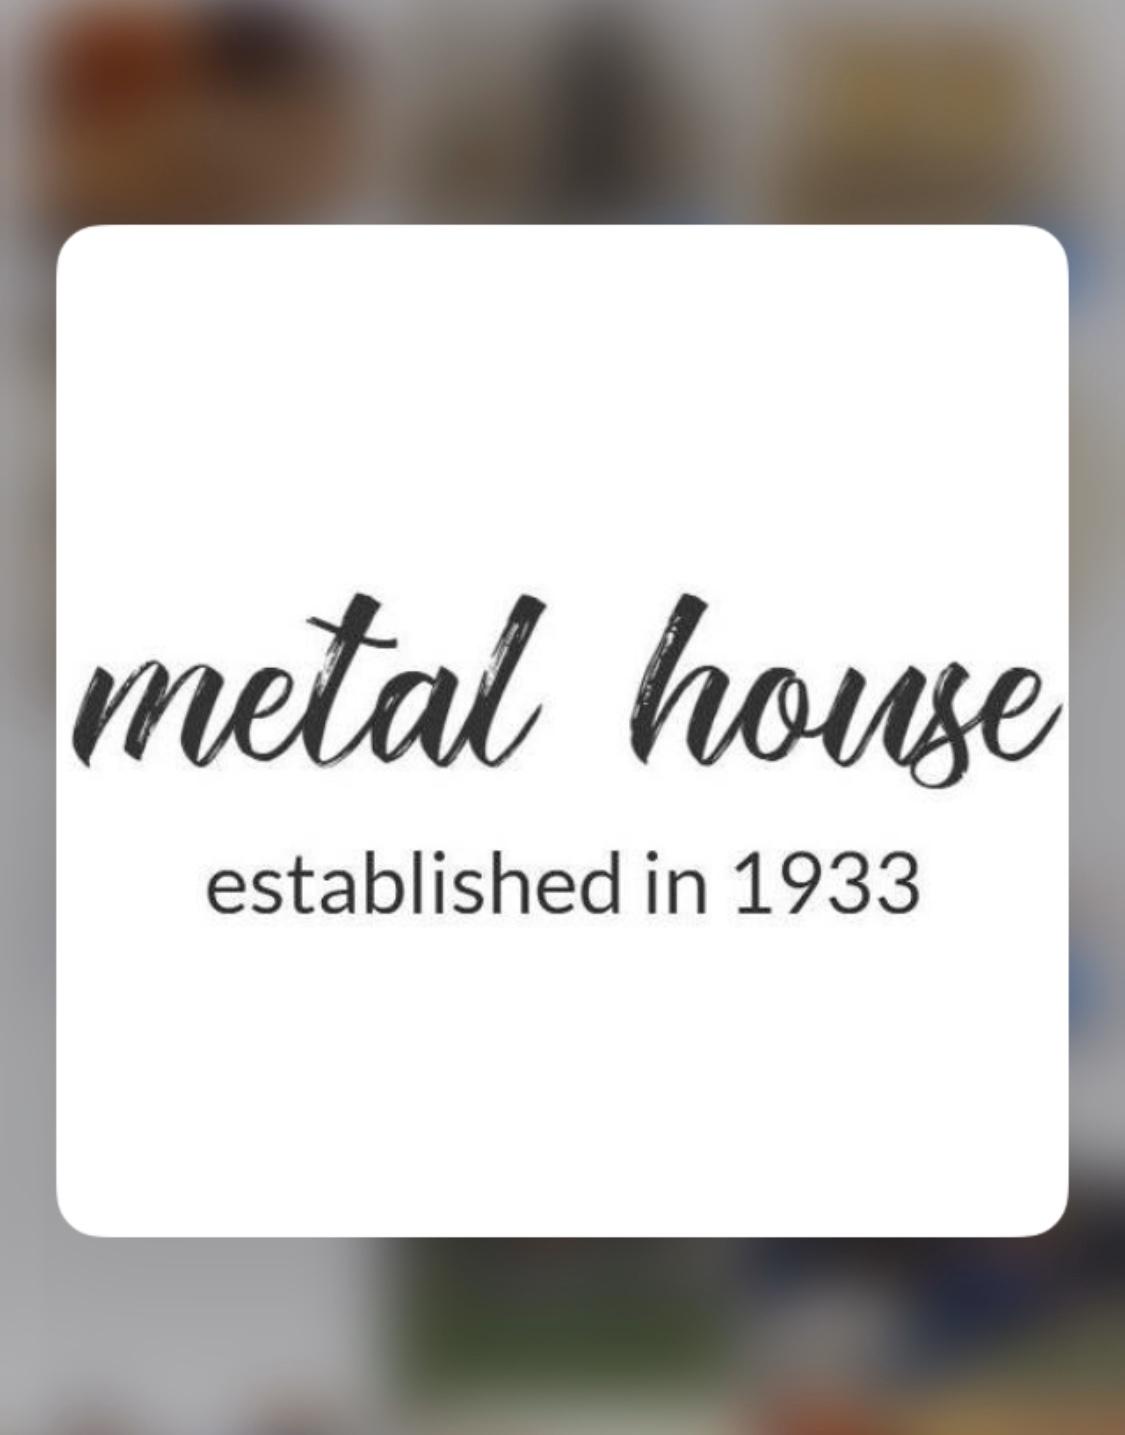 私たちメタルハウスは80年以上お客様の大切なブランドの金具を製作したり、アクセサリーのデザインにオリジナルのロゴ入れたり、希望のサイズや色、形、ロット、素材を自由カスタマイズしながらオーダーメイドの金具やアクセサリー製作し続けています。